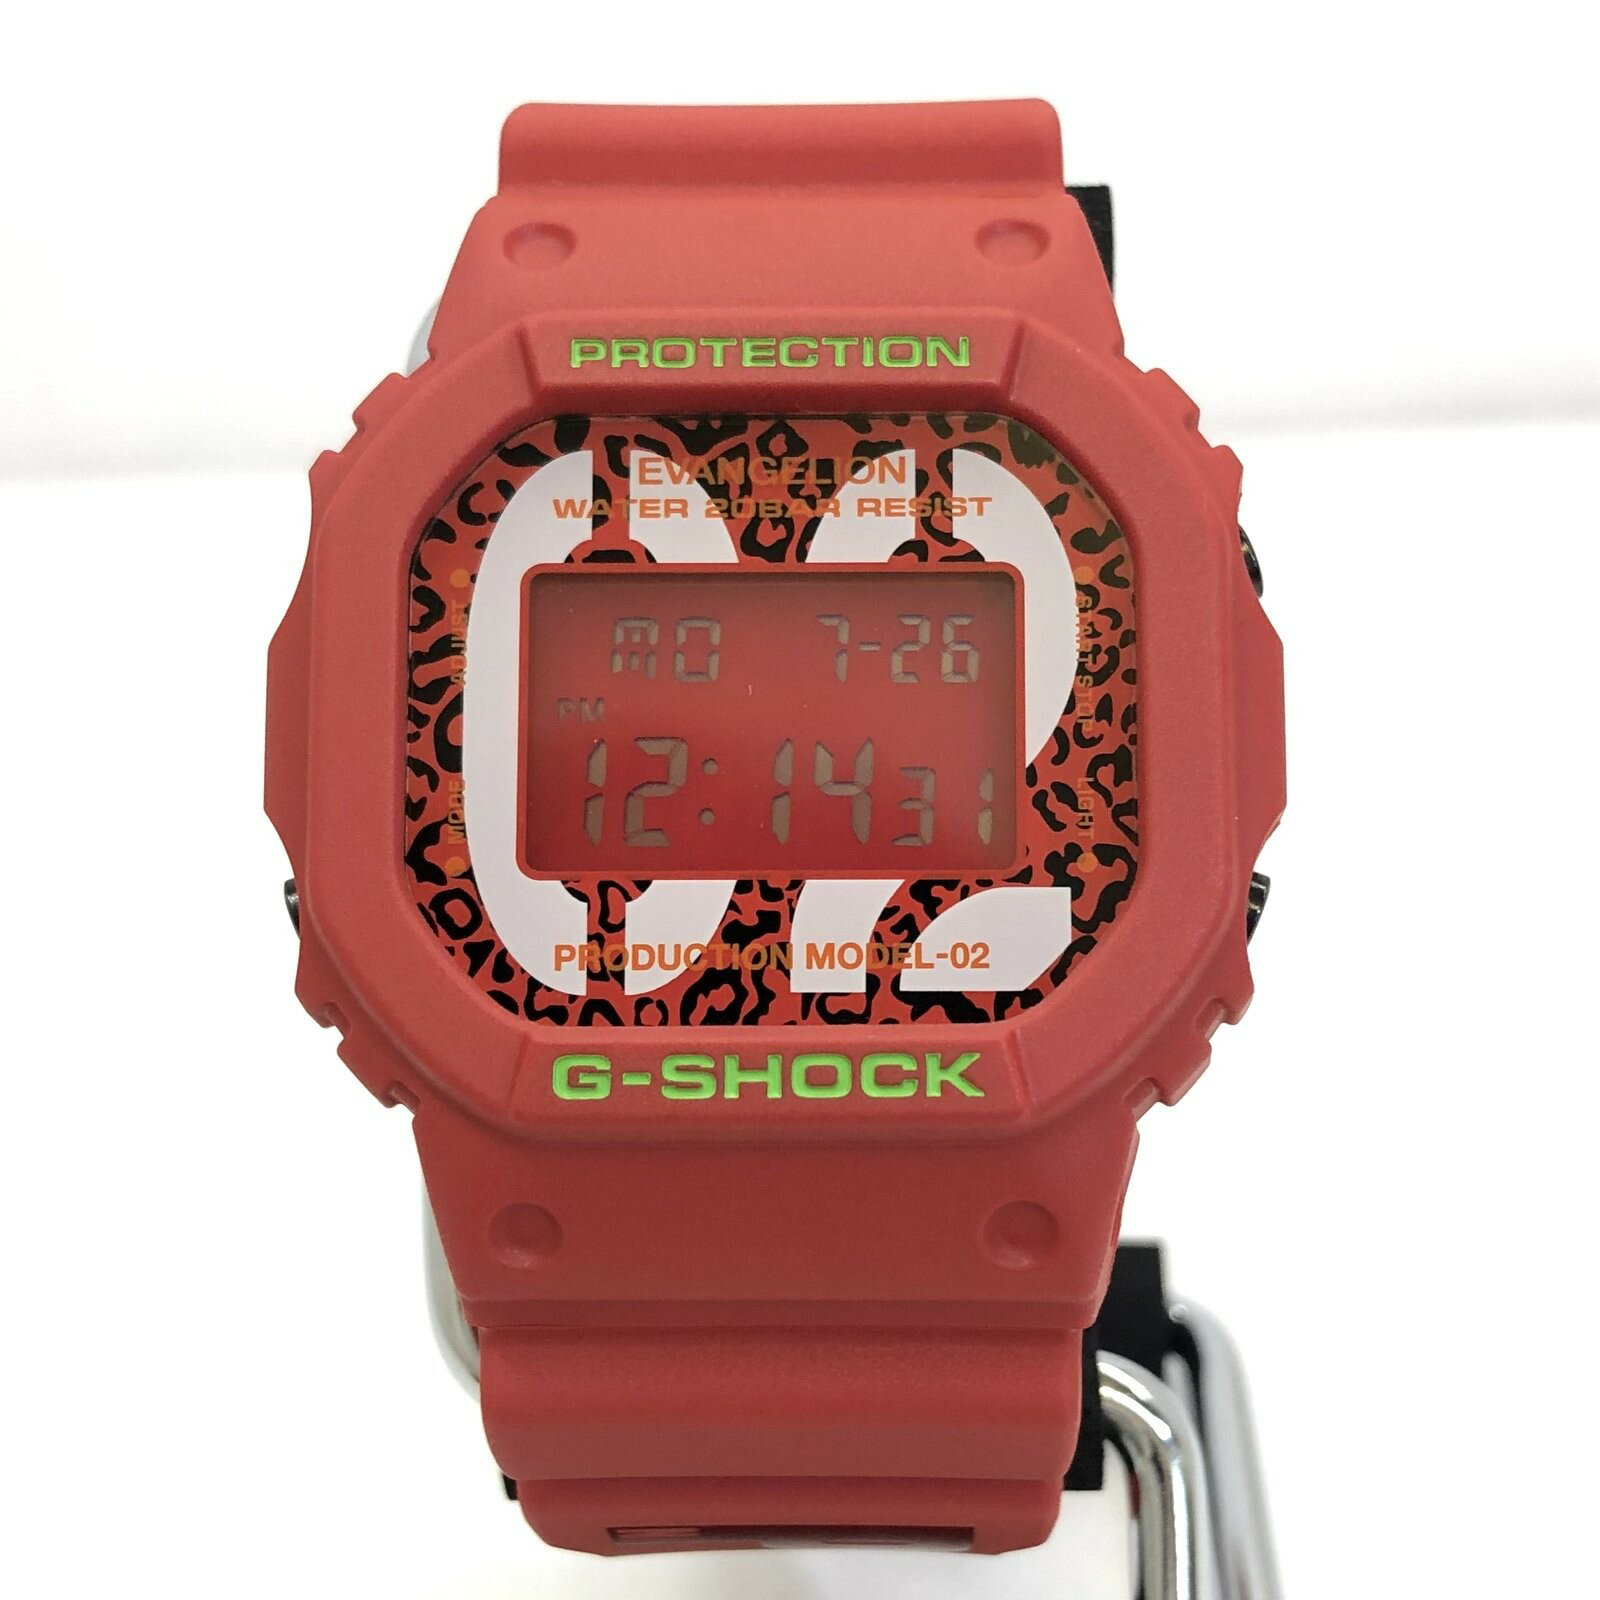 腕時計, メンズ腕時計 G-SHOCK CASIO DW-5600VT RADIO EVA-02 T ITUHNSHXPAZY RY5009